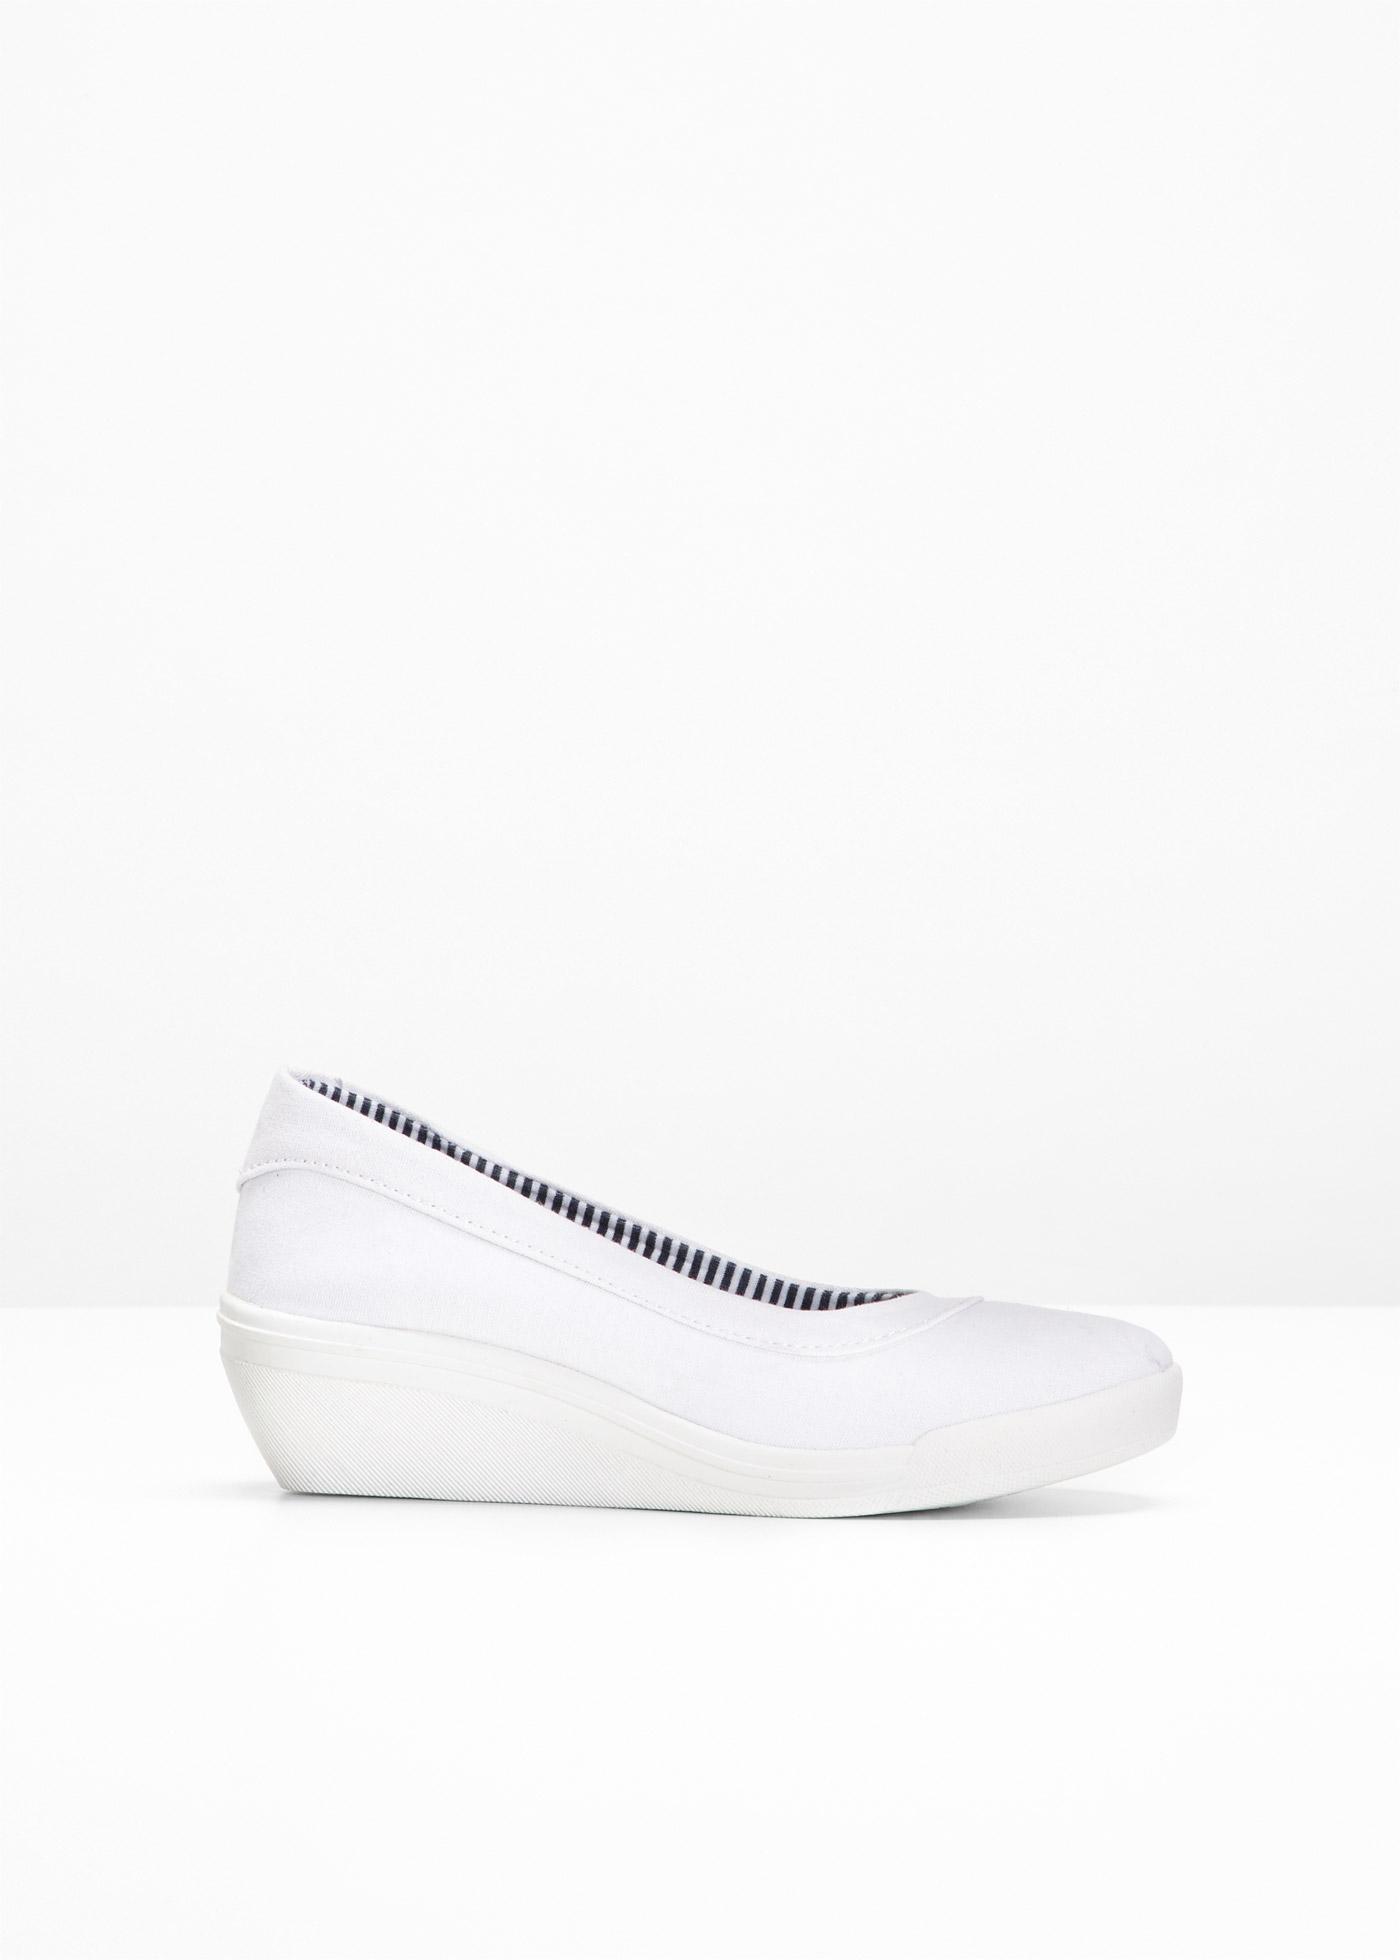 Bonprix Femme CollectionBallerines Compensées Blanc Bpc Pour MVUpqSzG